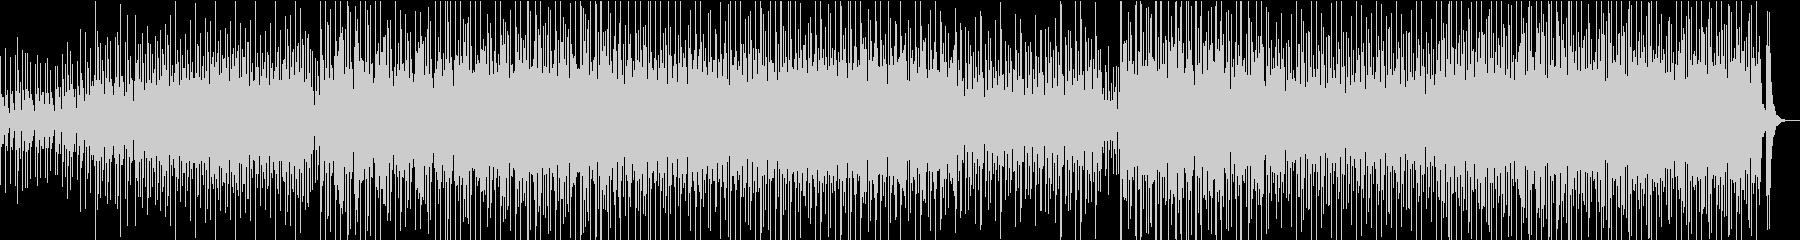 荒々しい三味線と和太鼓の未再生の波形